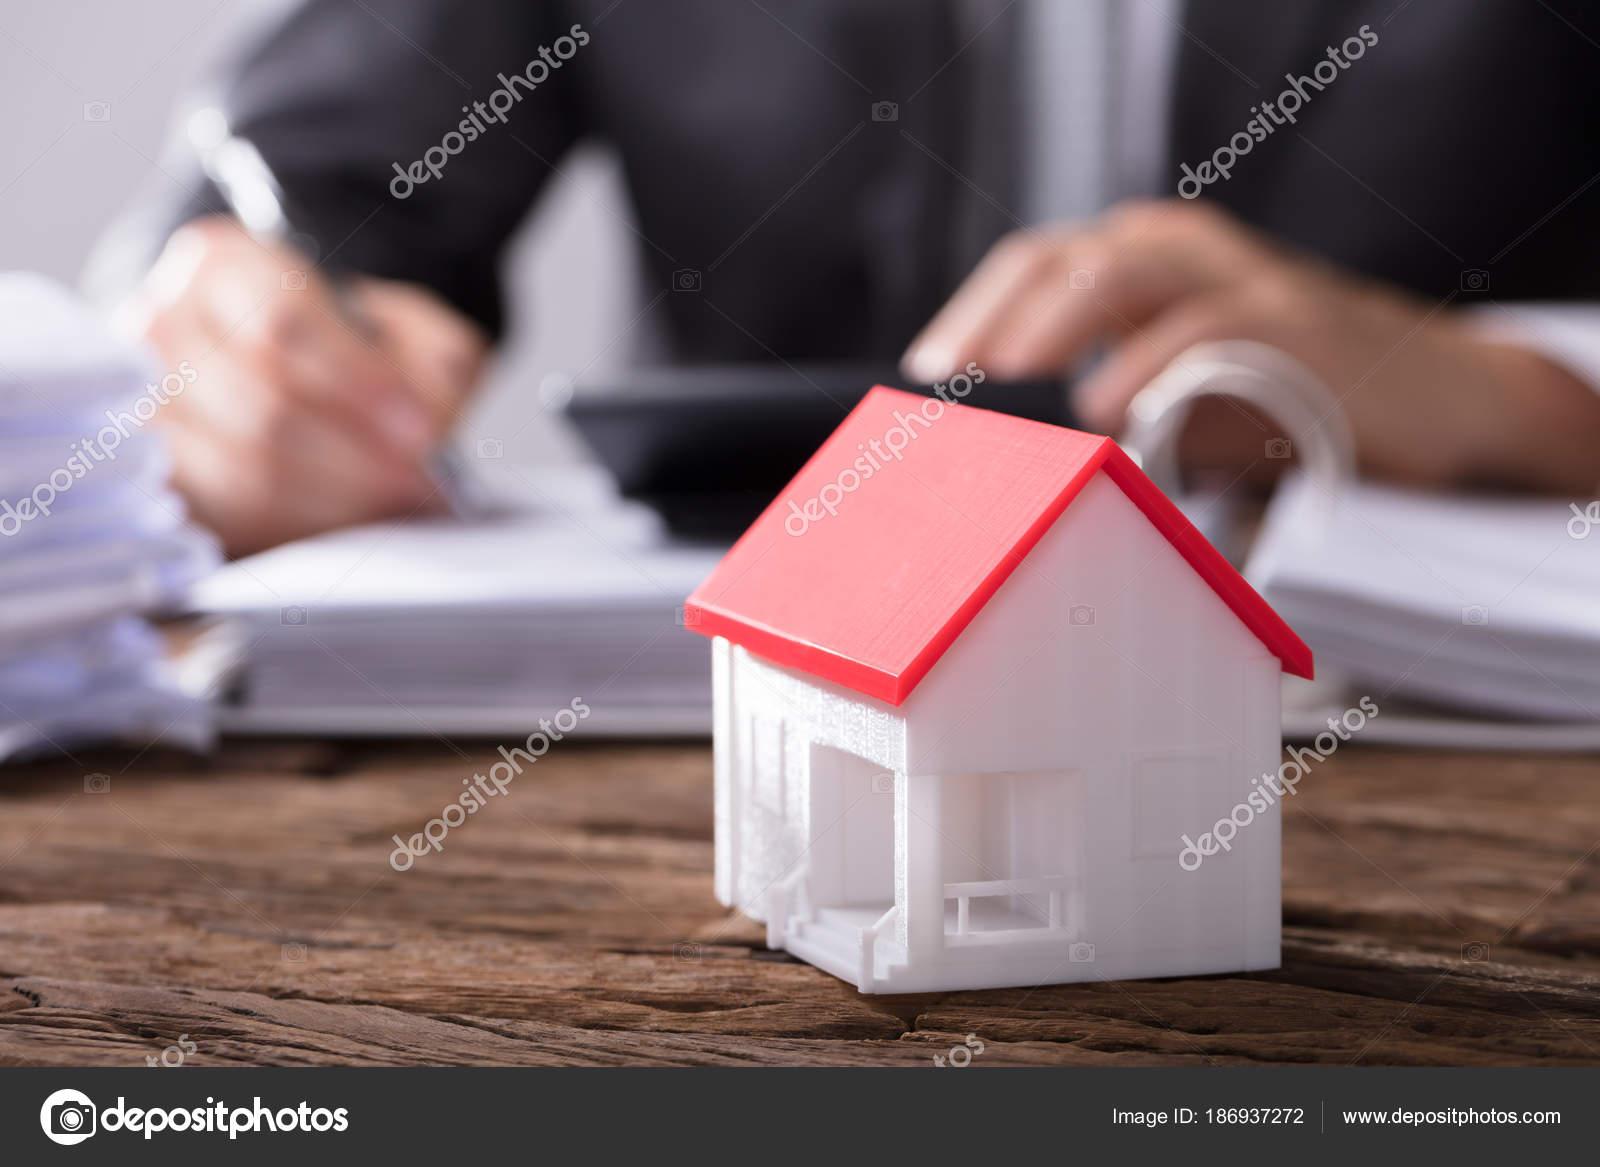 Gros plan modèle maison avec toit rouge sur bureau bois